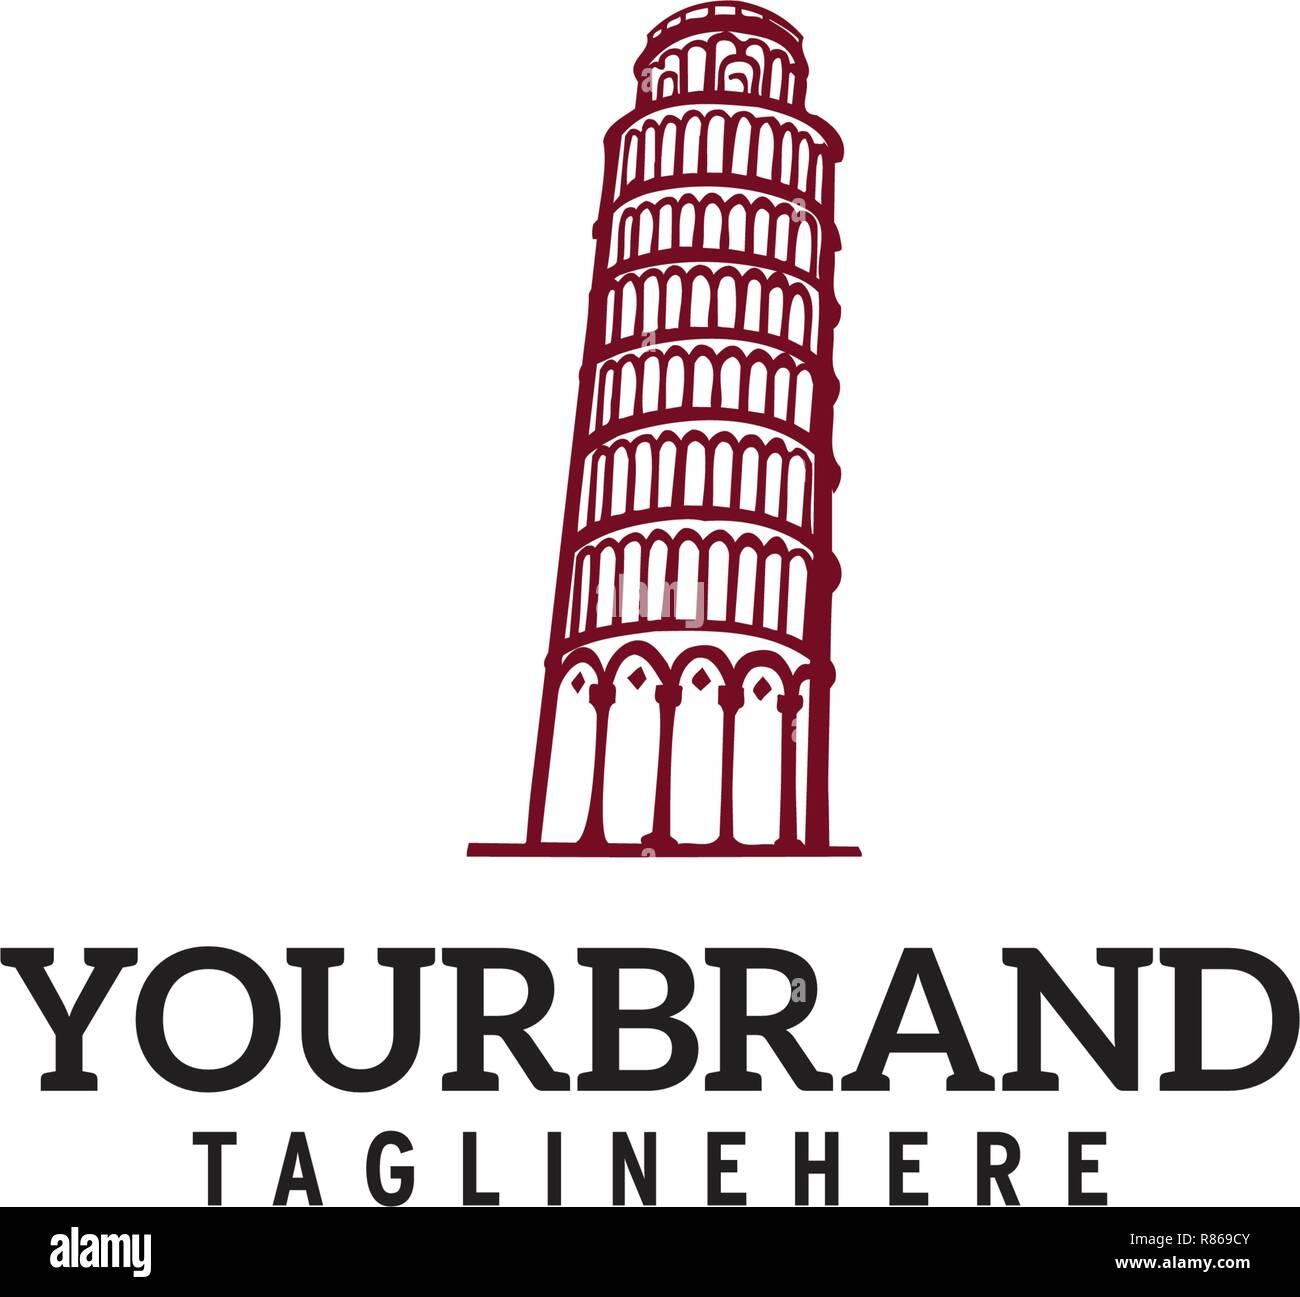 Tower of Pisa vector logo design - Stock Vector